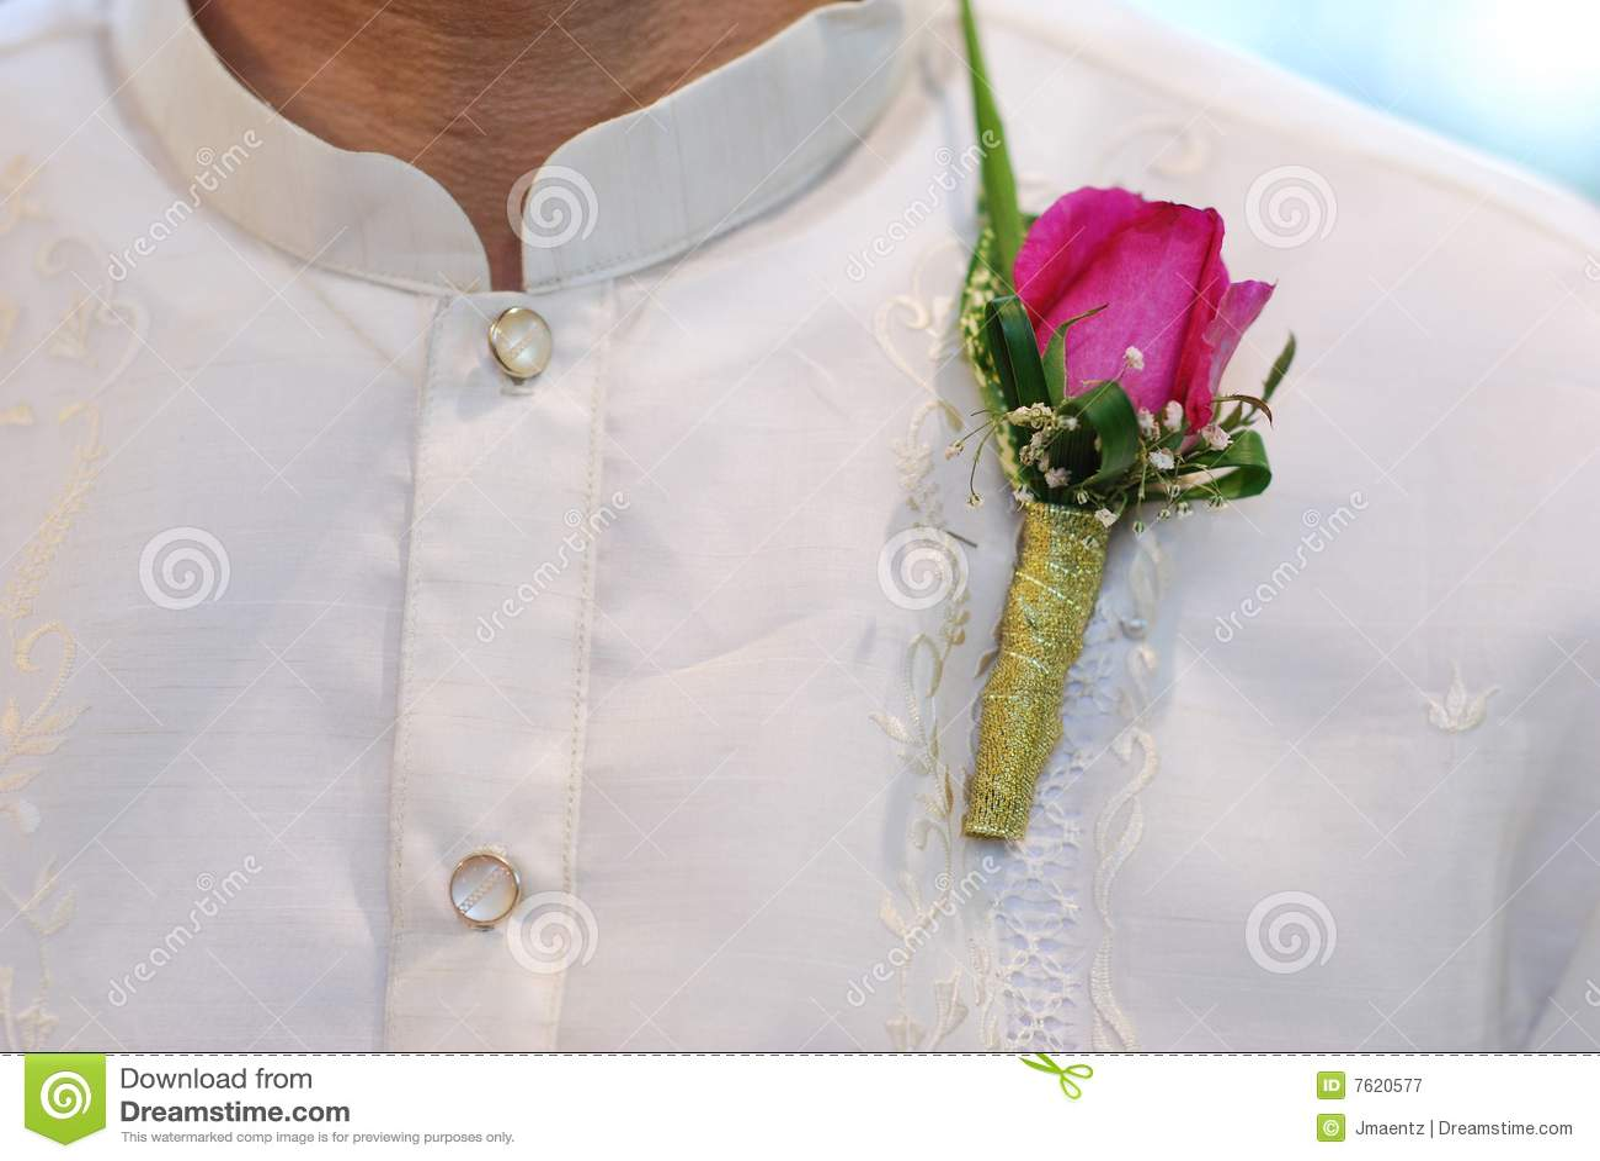 Barong胸衣粉红色他加禄人婚礼